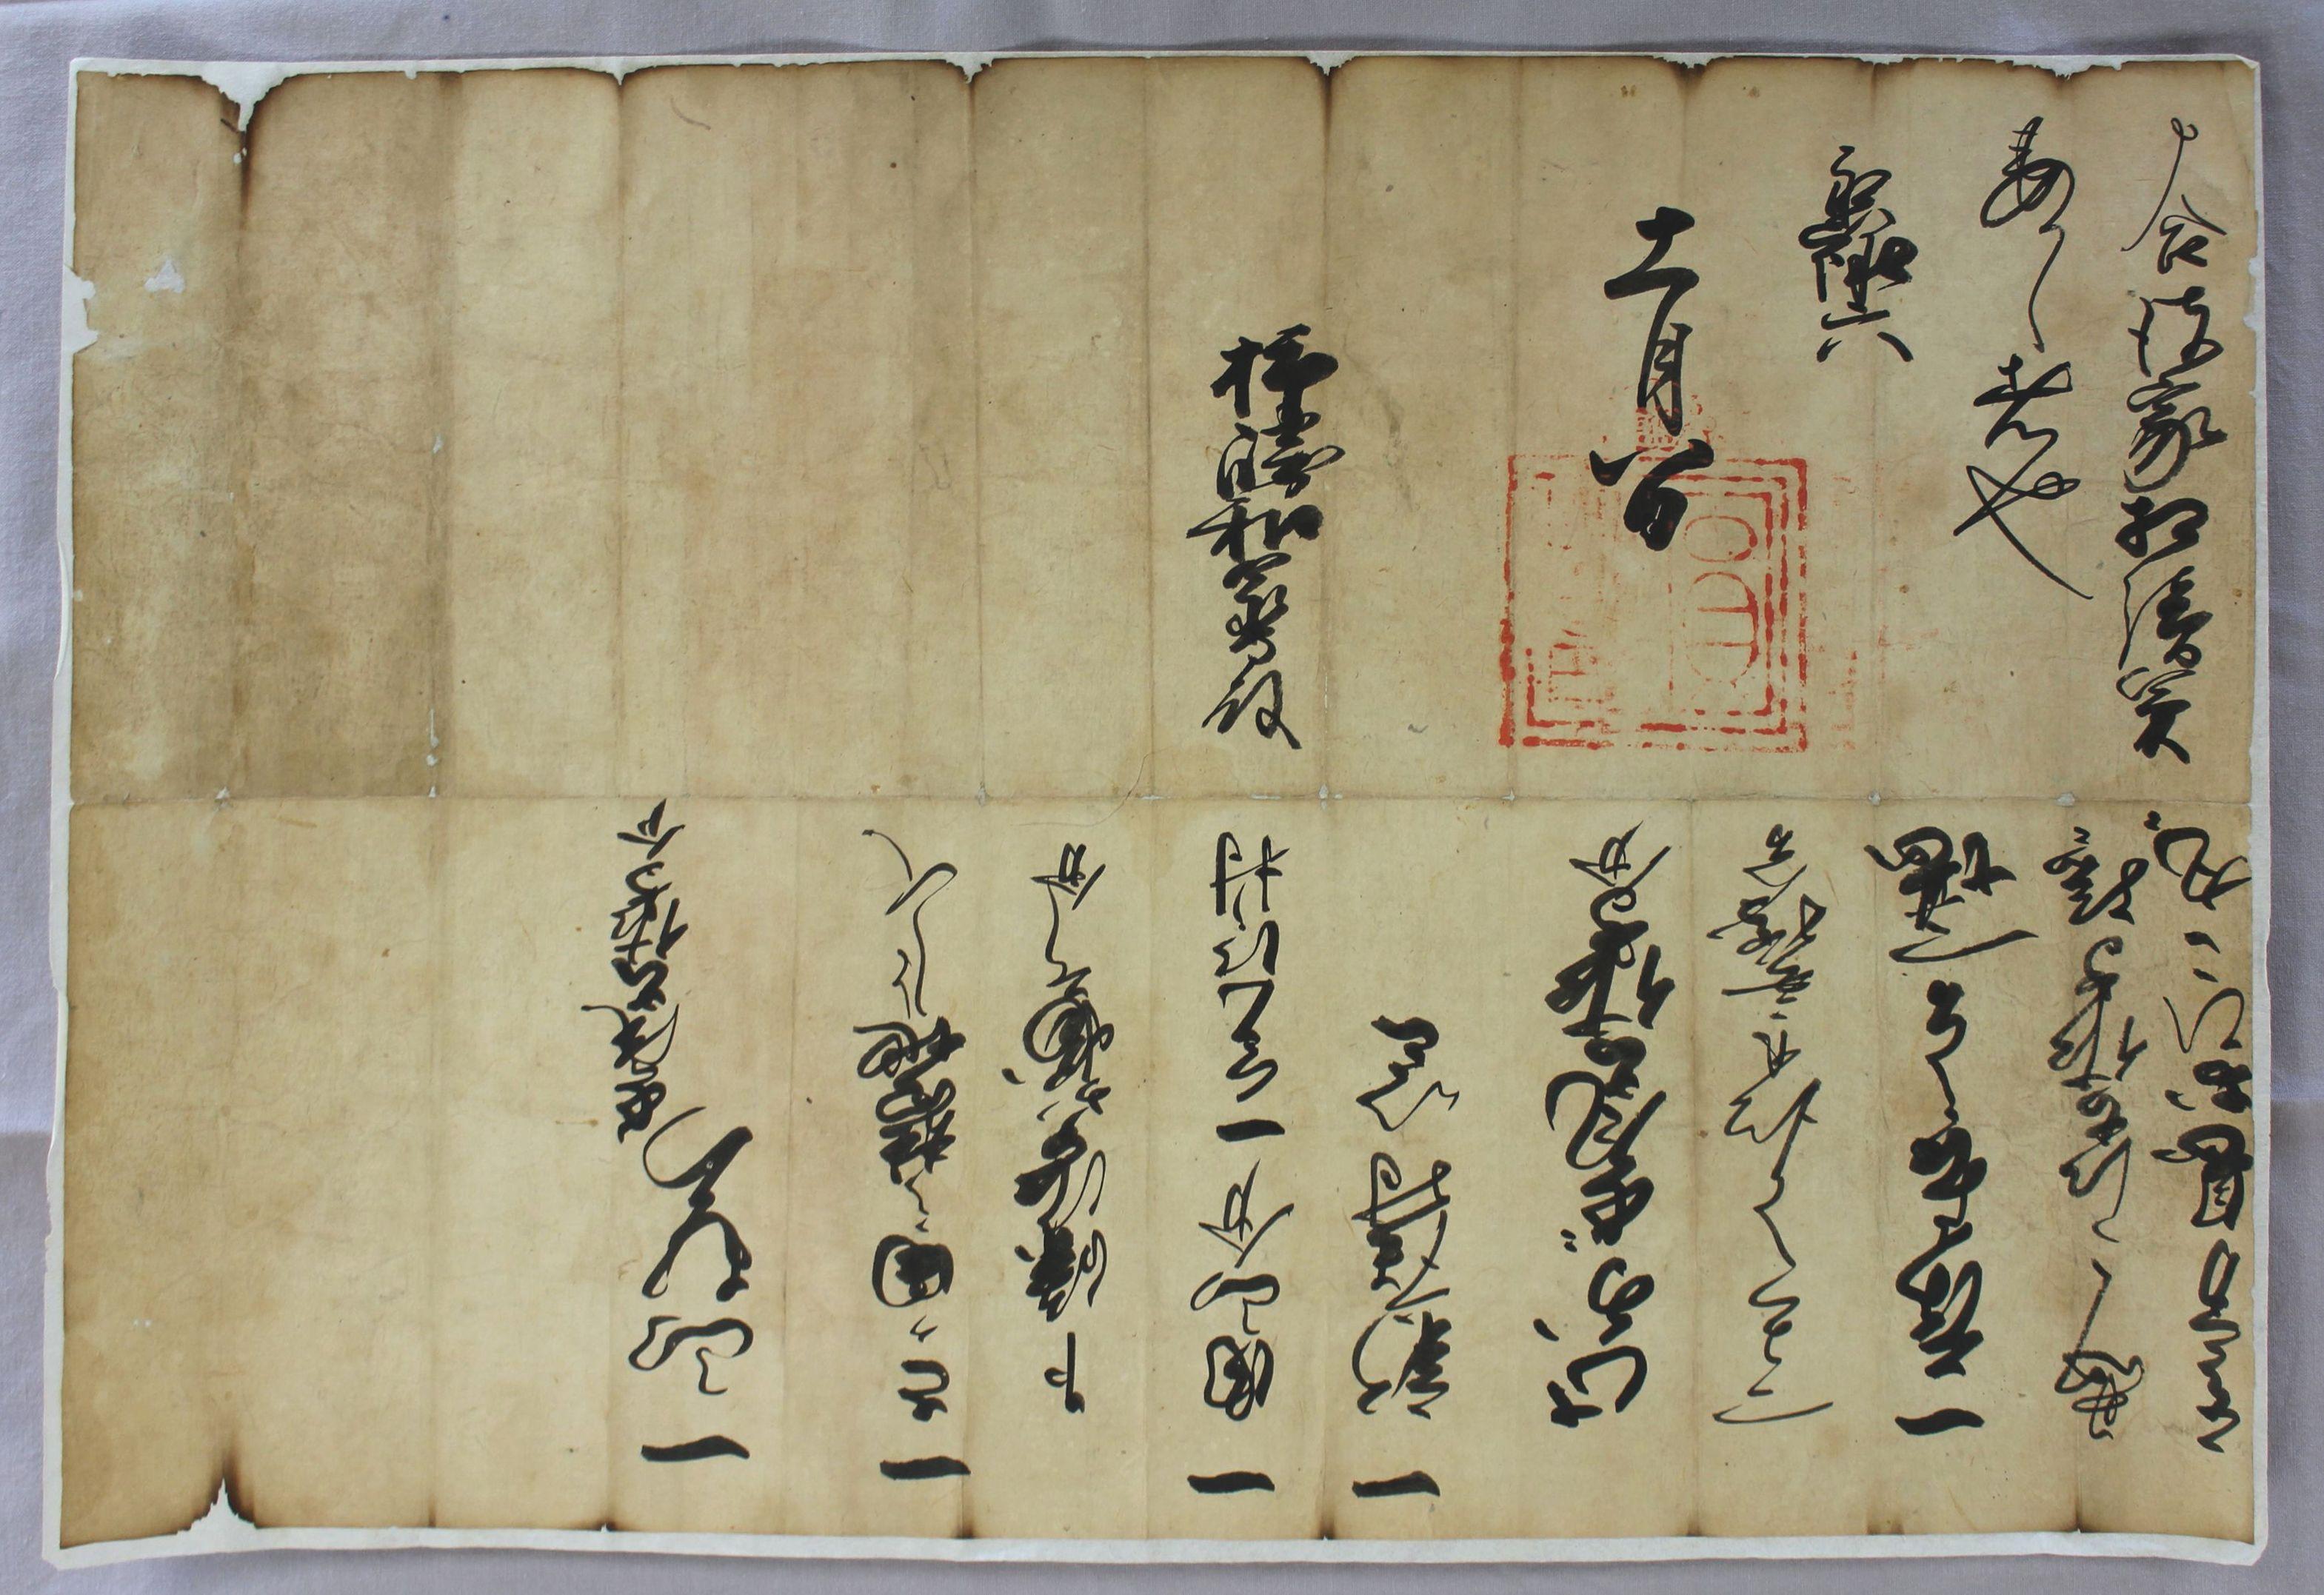 上越市に寄贈された、上杉謙信が柿崎景家に送った書状。中央上部に「柿崎和泉守殿」の文字が見える=30日